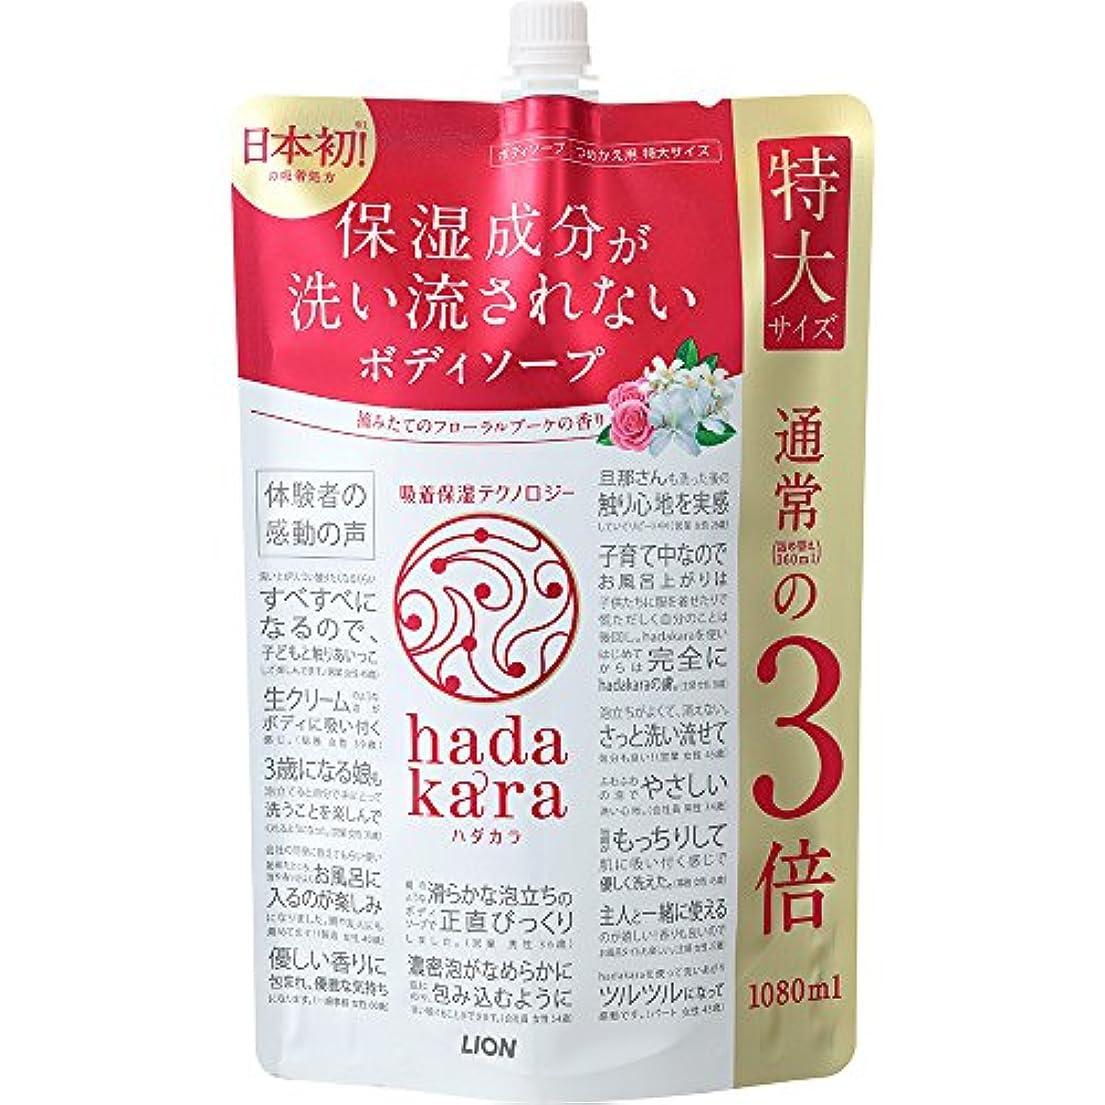 更新する財産海上【大容量】hadakara(ハダカラ) ボディソープ フローラルブーケの香り 詰め替え 特大 1080ml